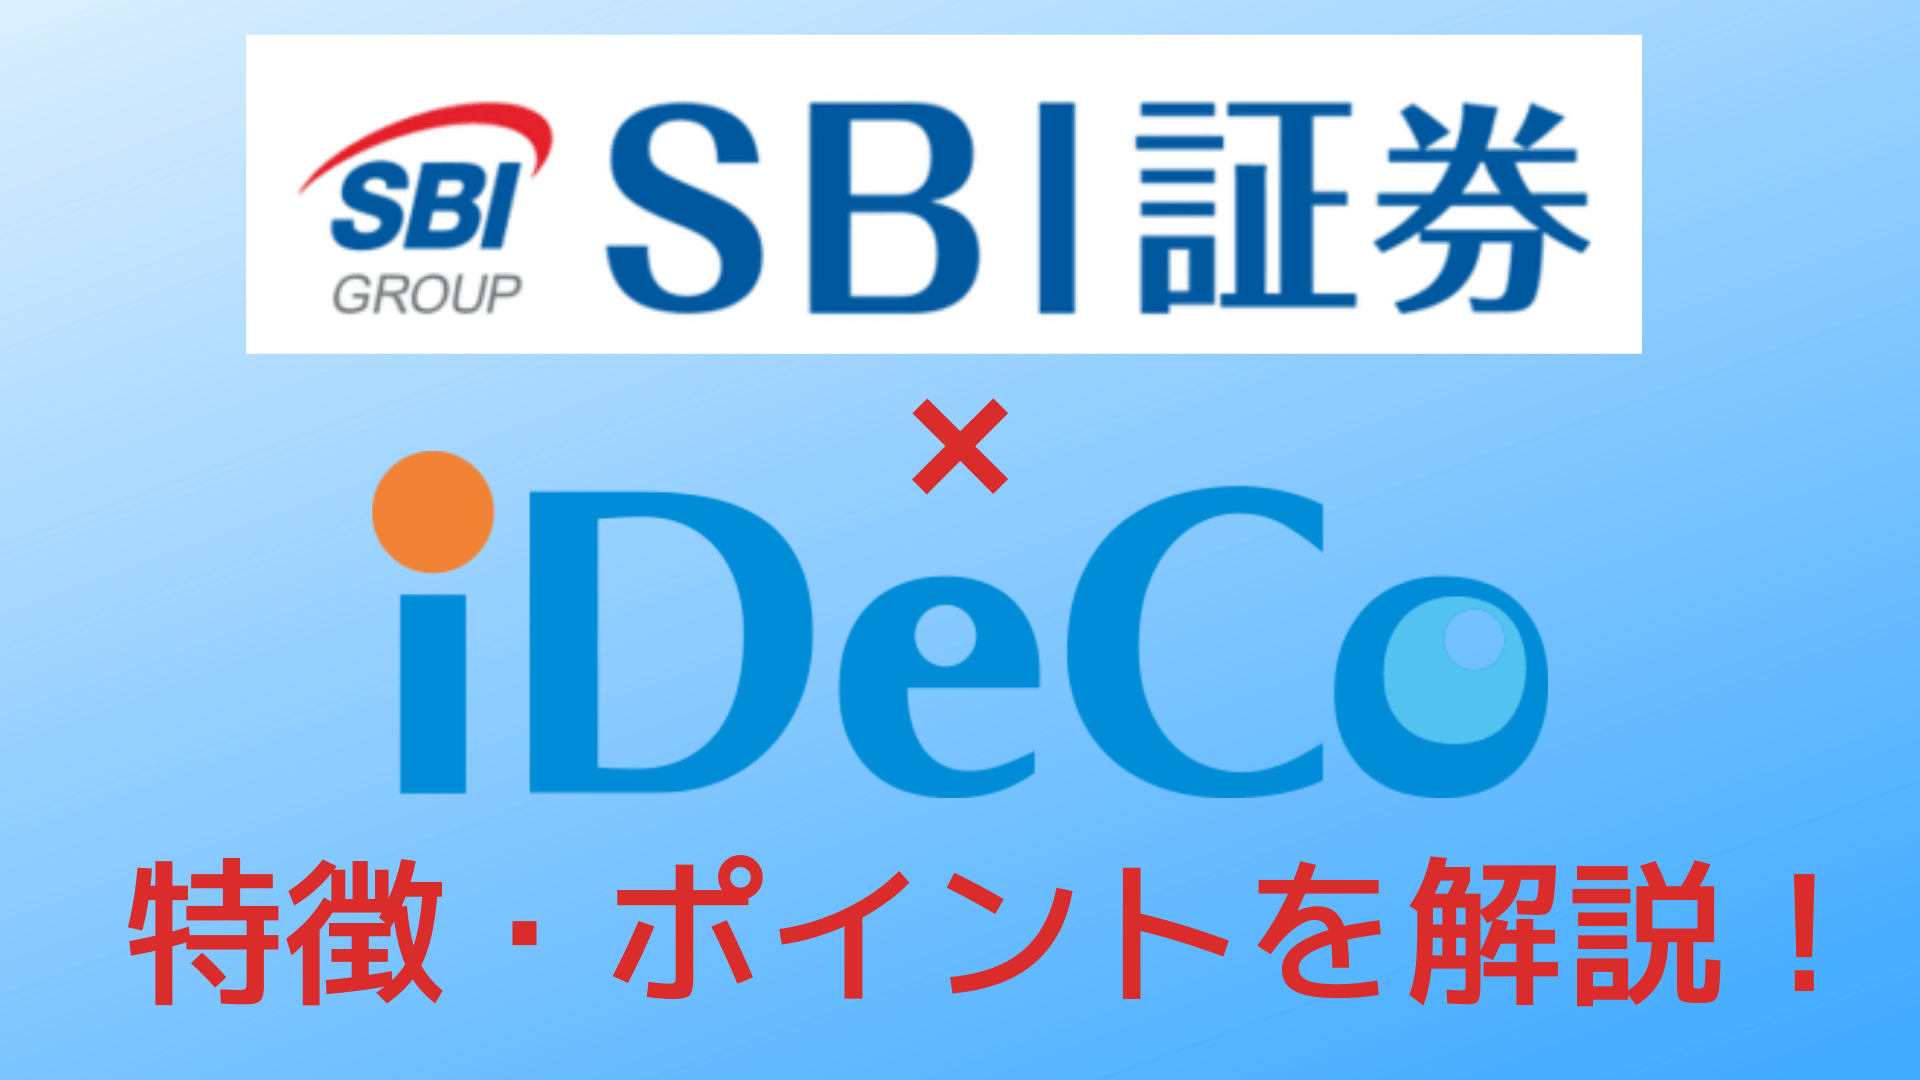 SBI証券の特徴とポイント